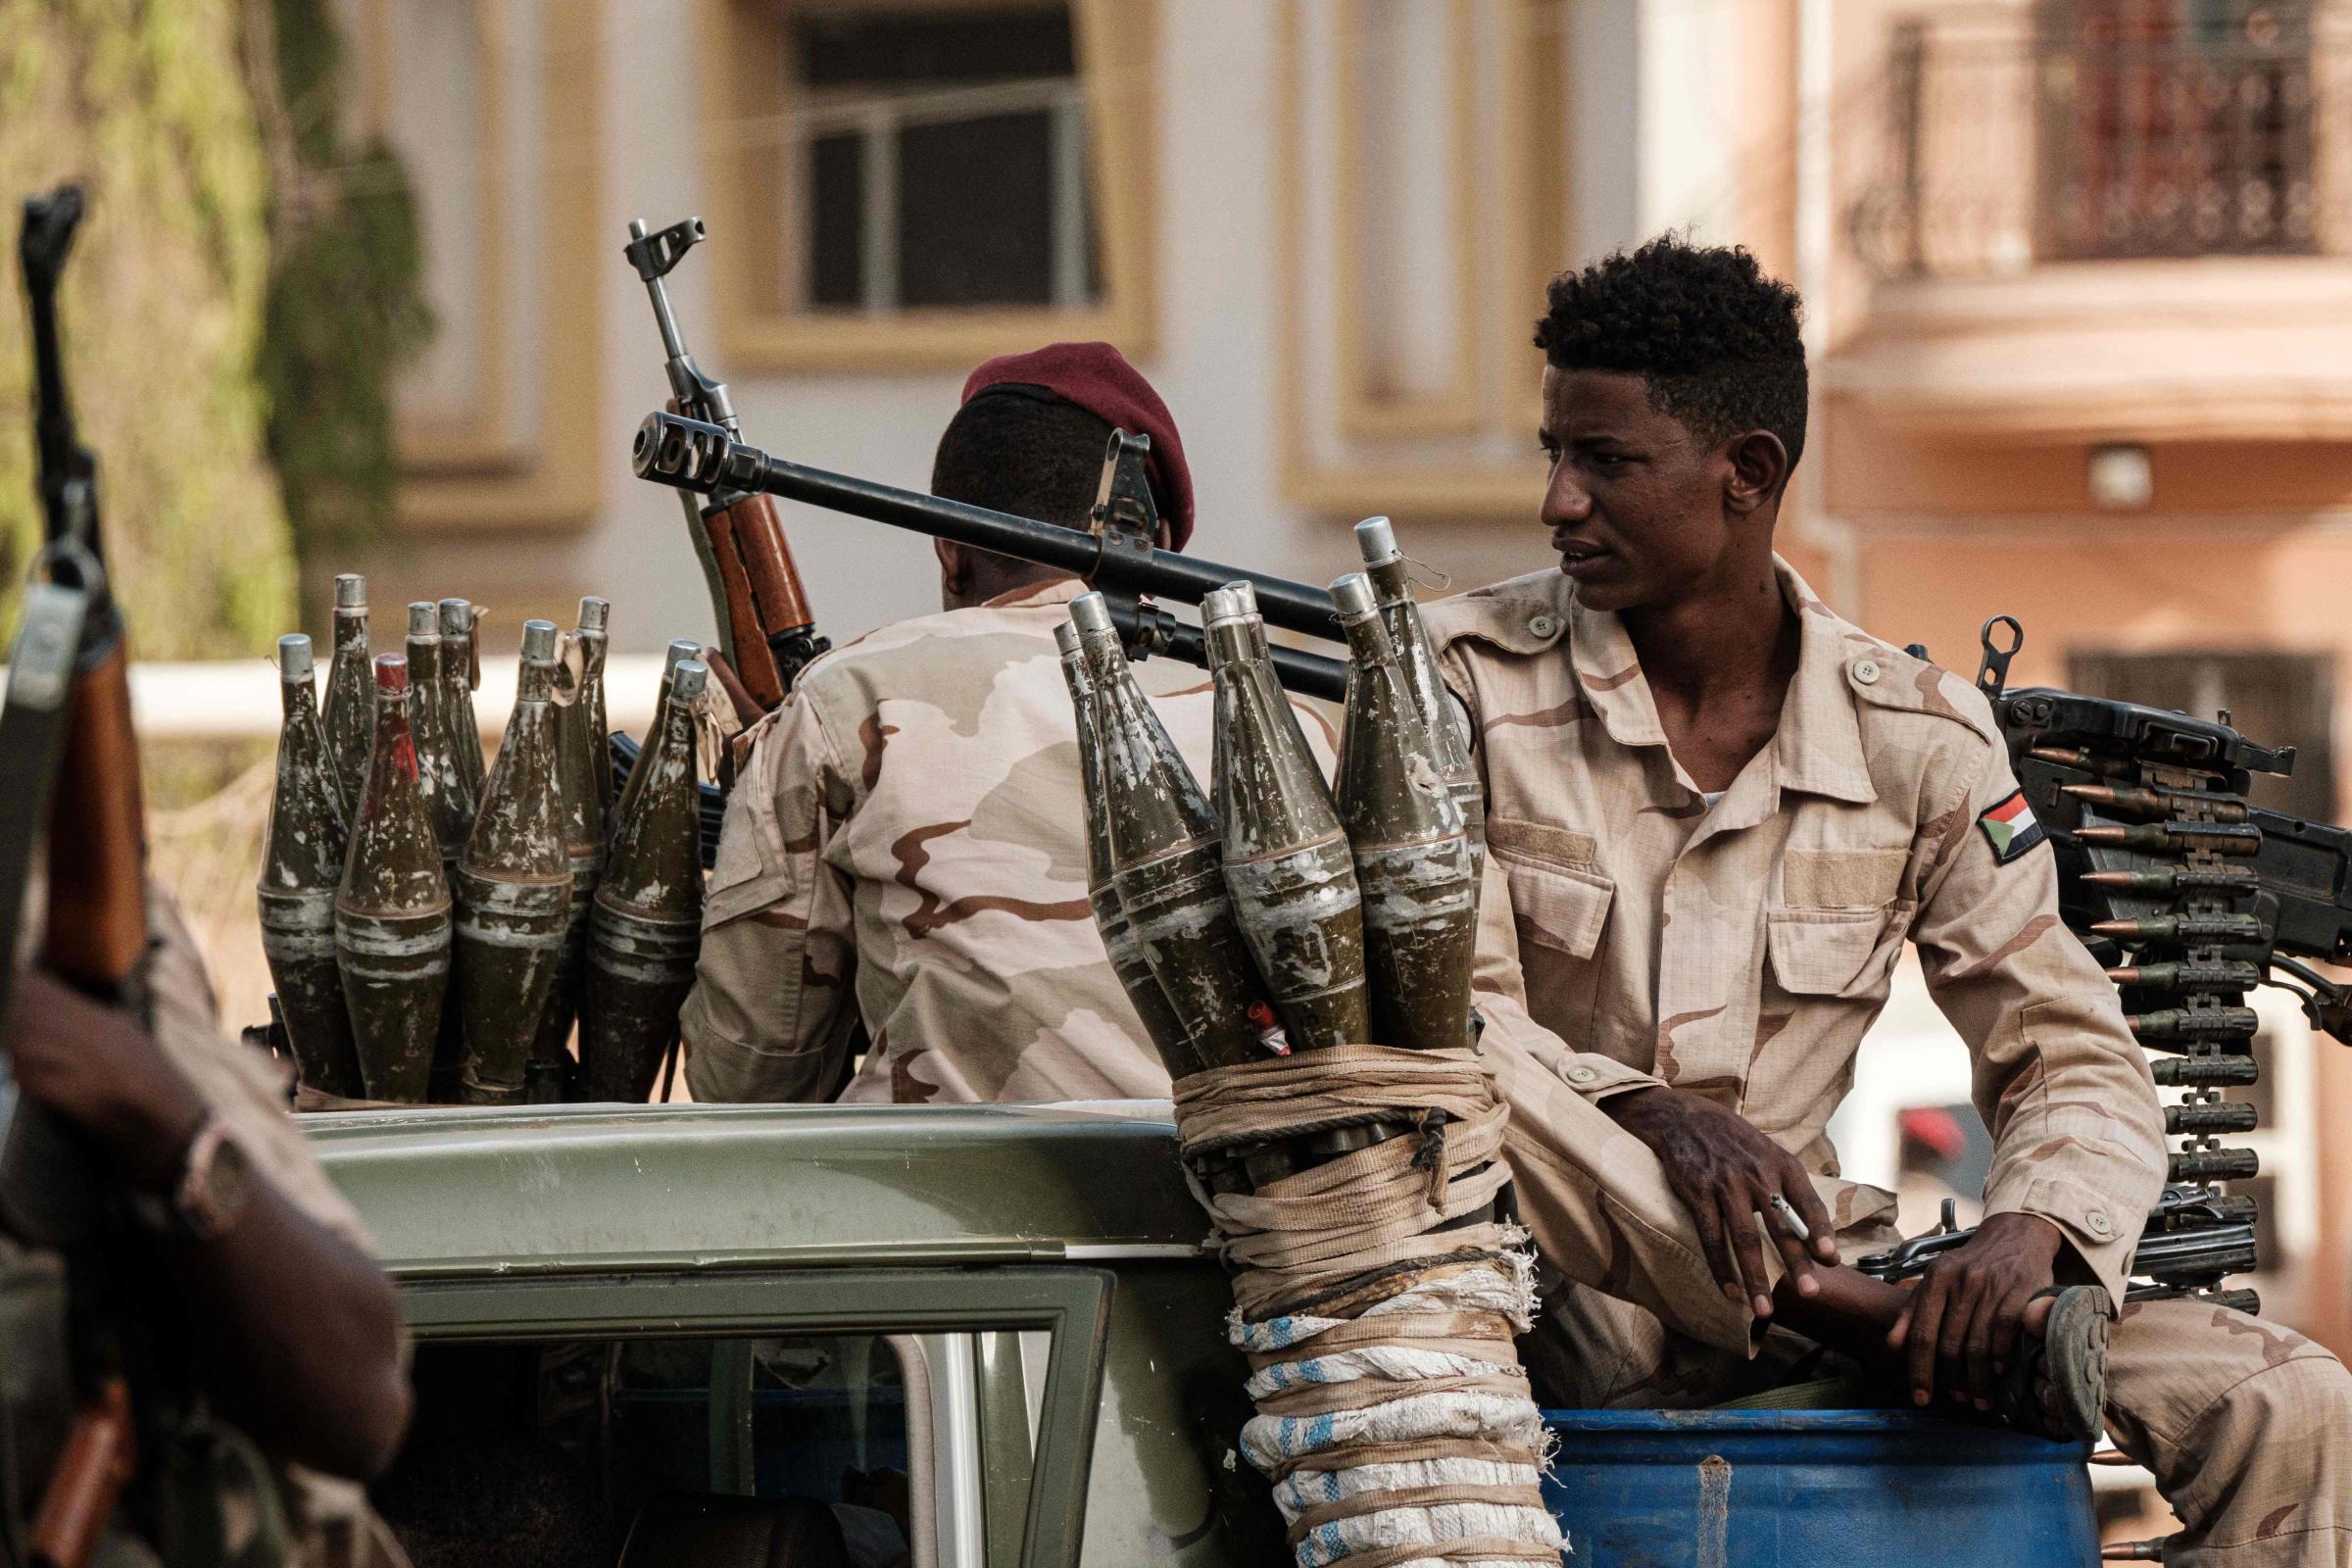 siti di incontri gratuiti in Sudan destino matchmaking incursioni 2015